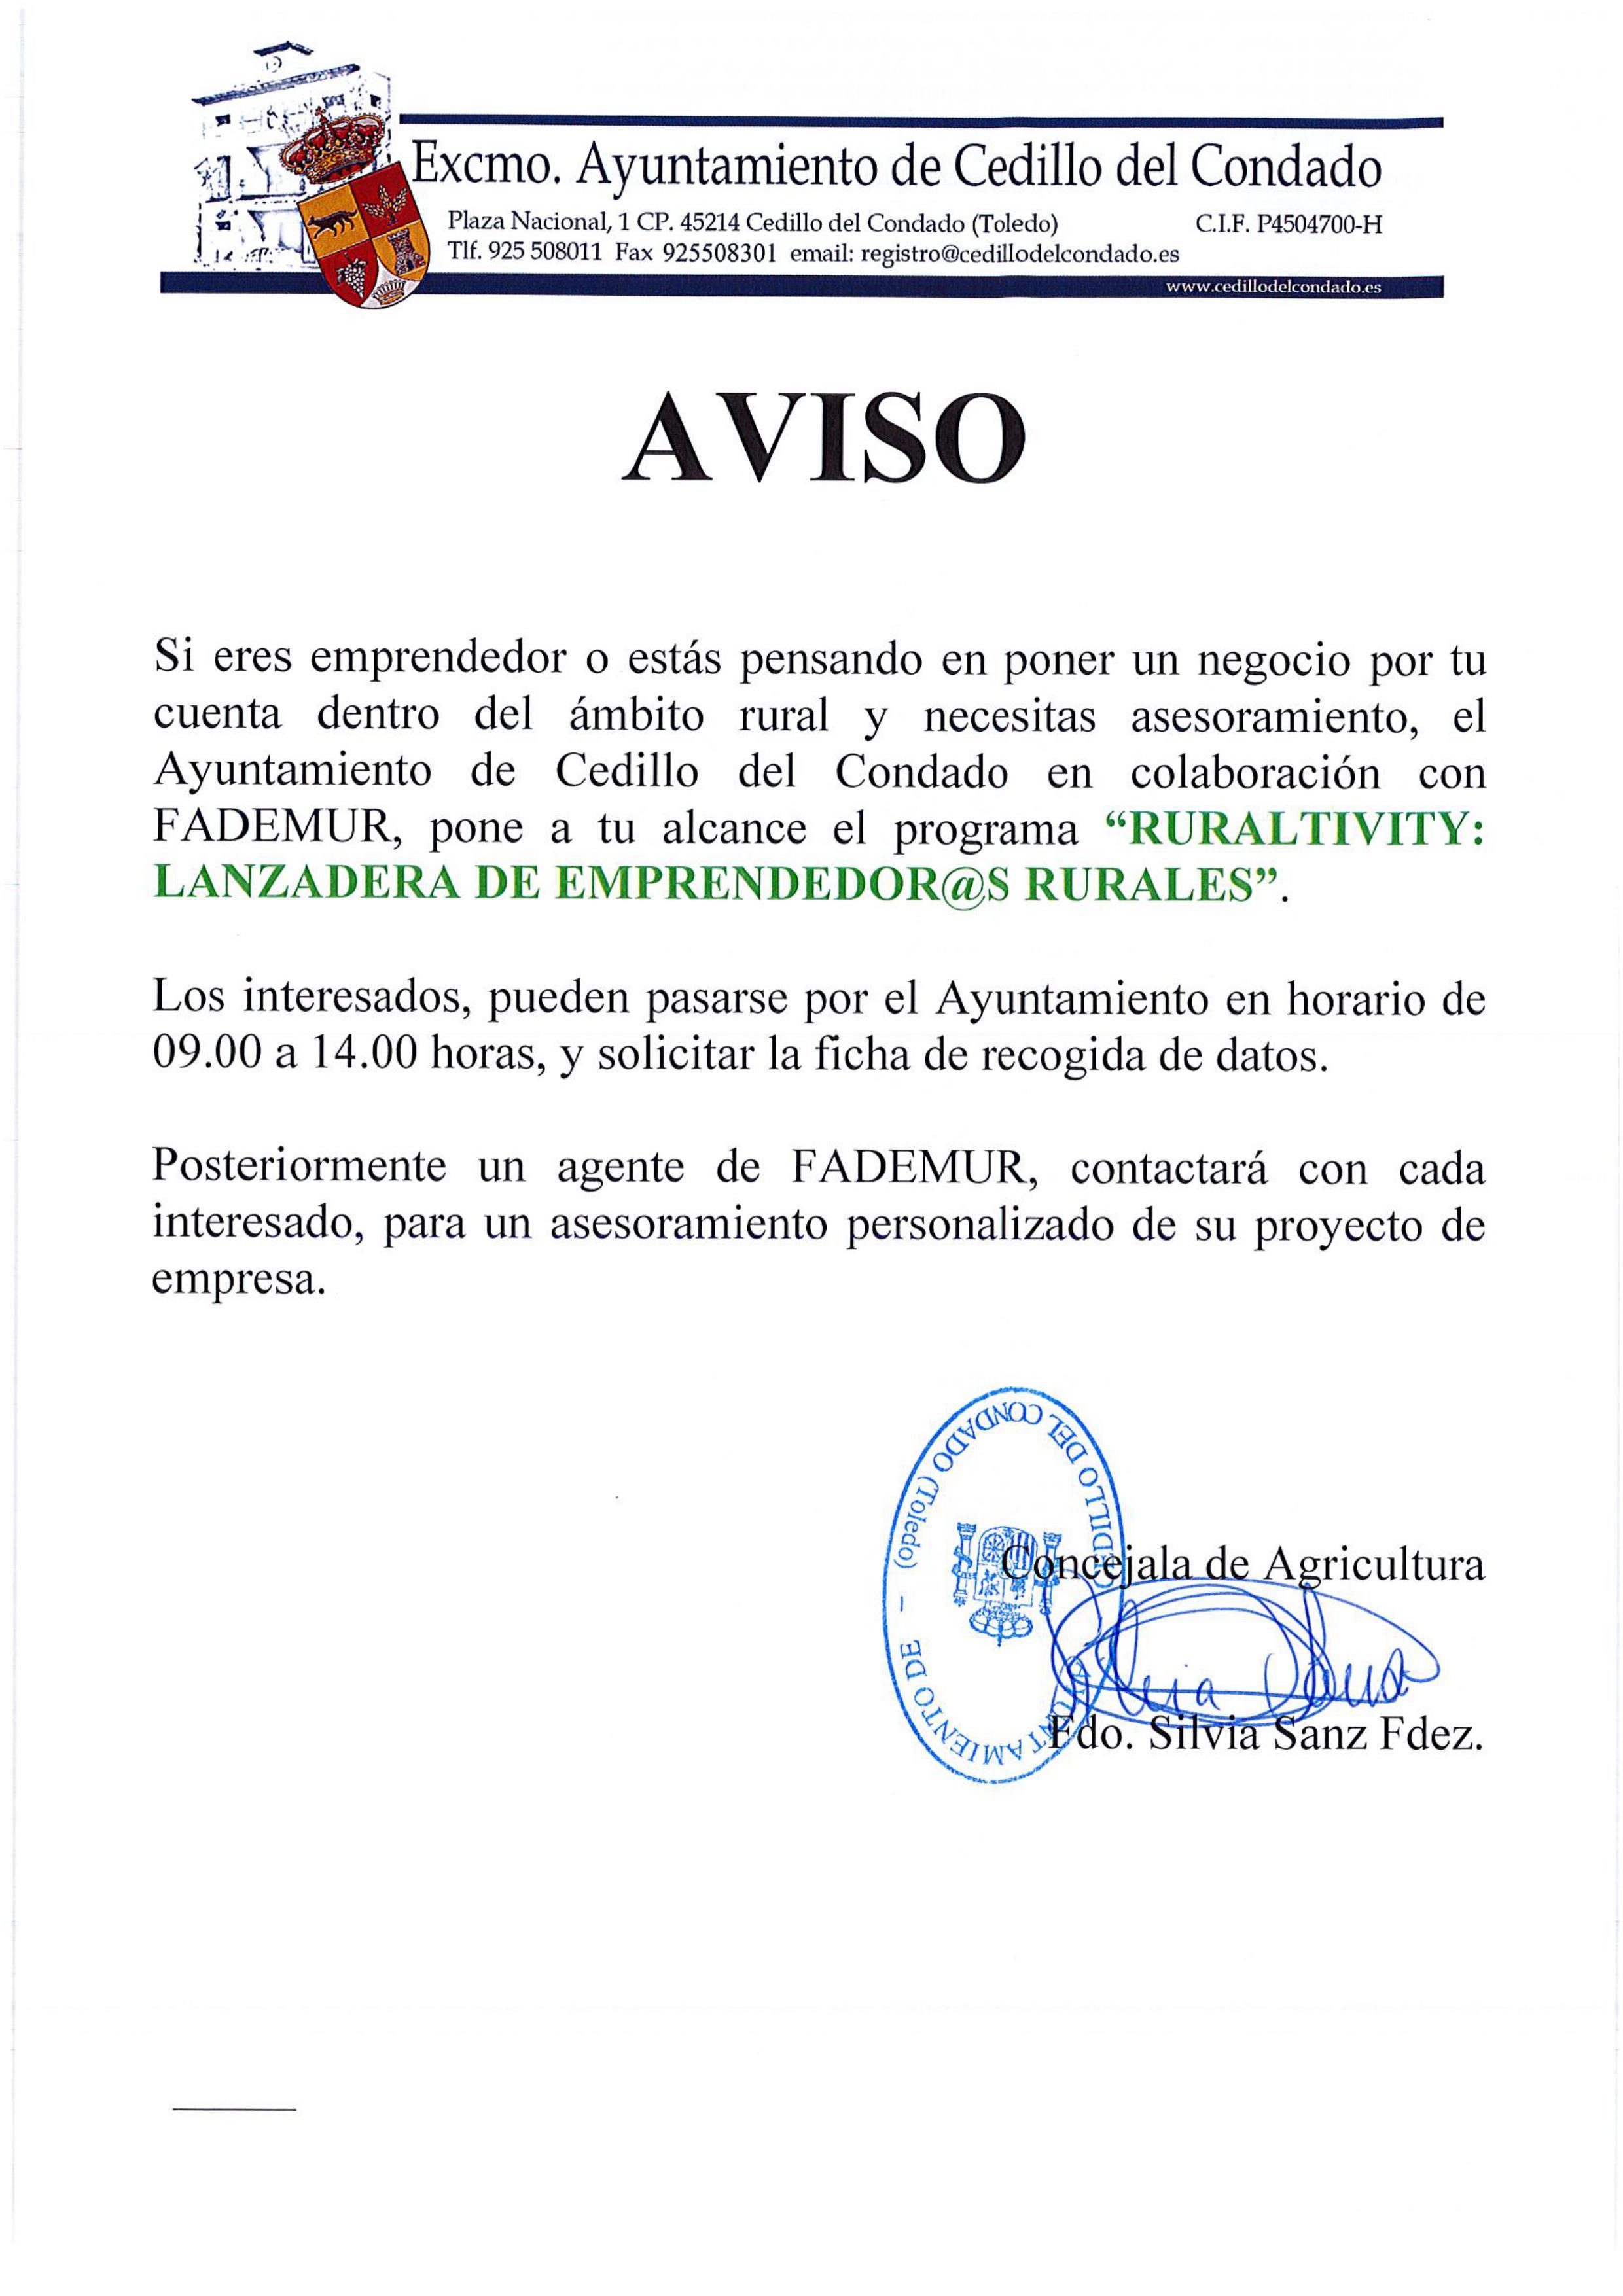 Ayuntamiento de cedillo del condado programa ruraltiviti - Oficina virtual inem ...